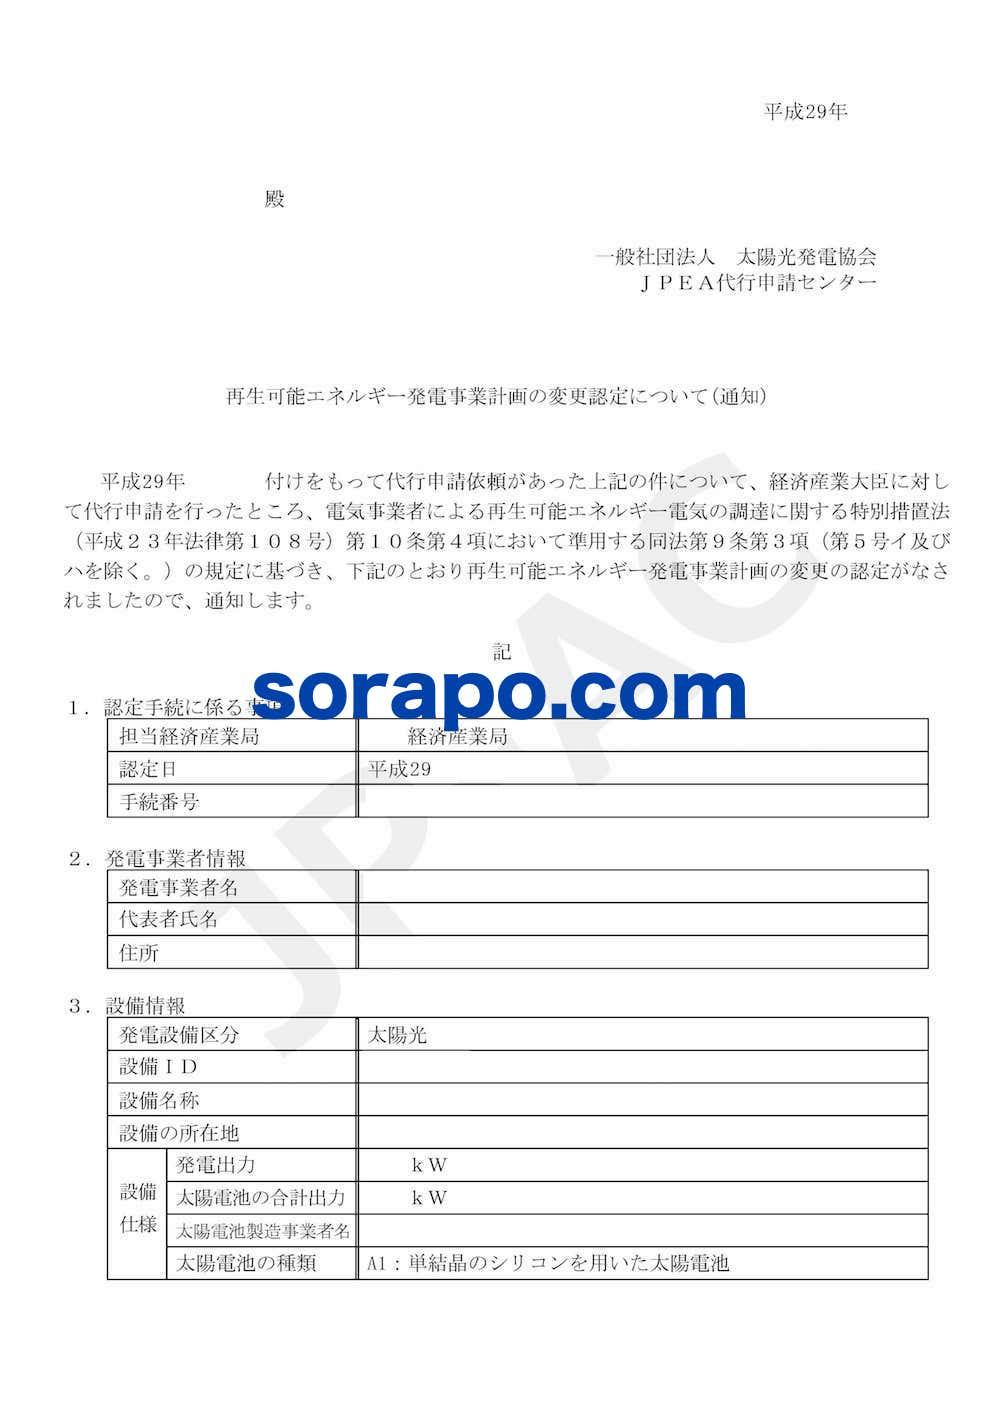 変更認定通知書のサンプル1ページ目